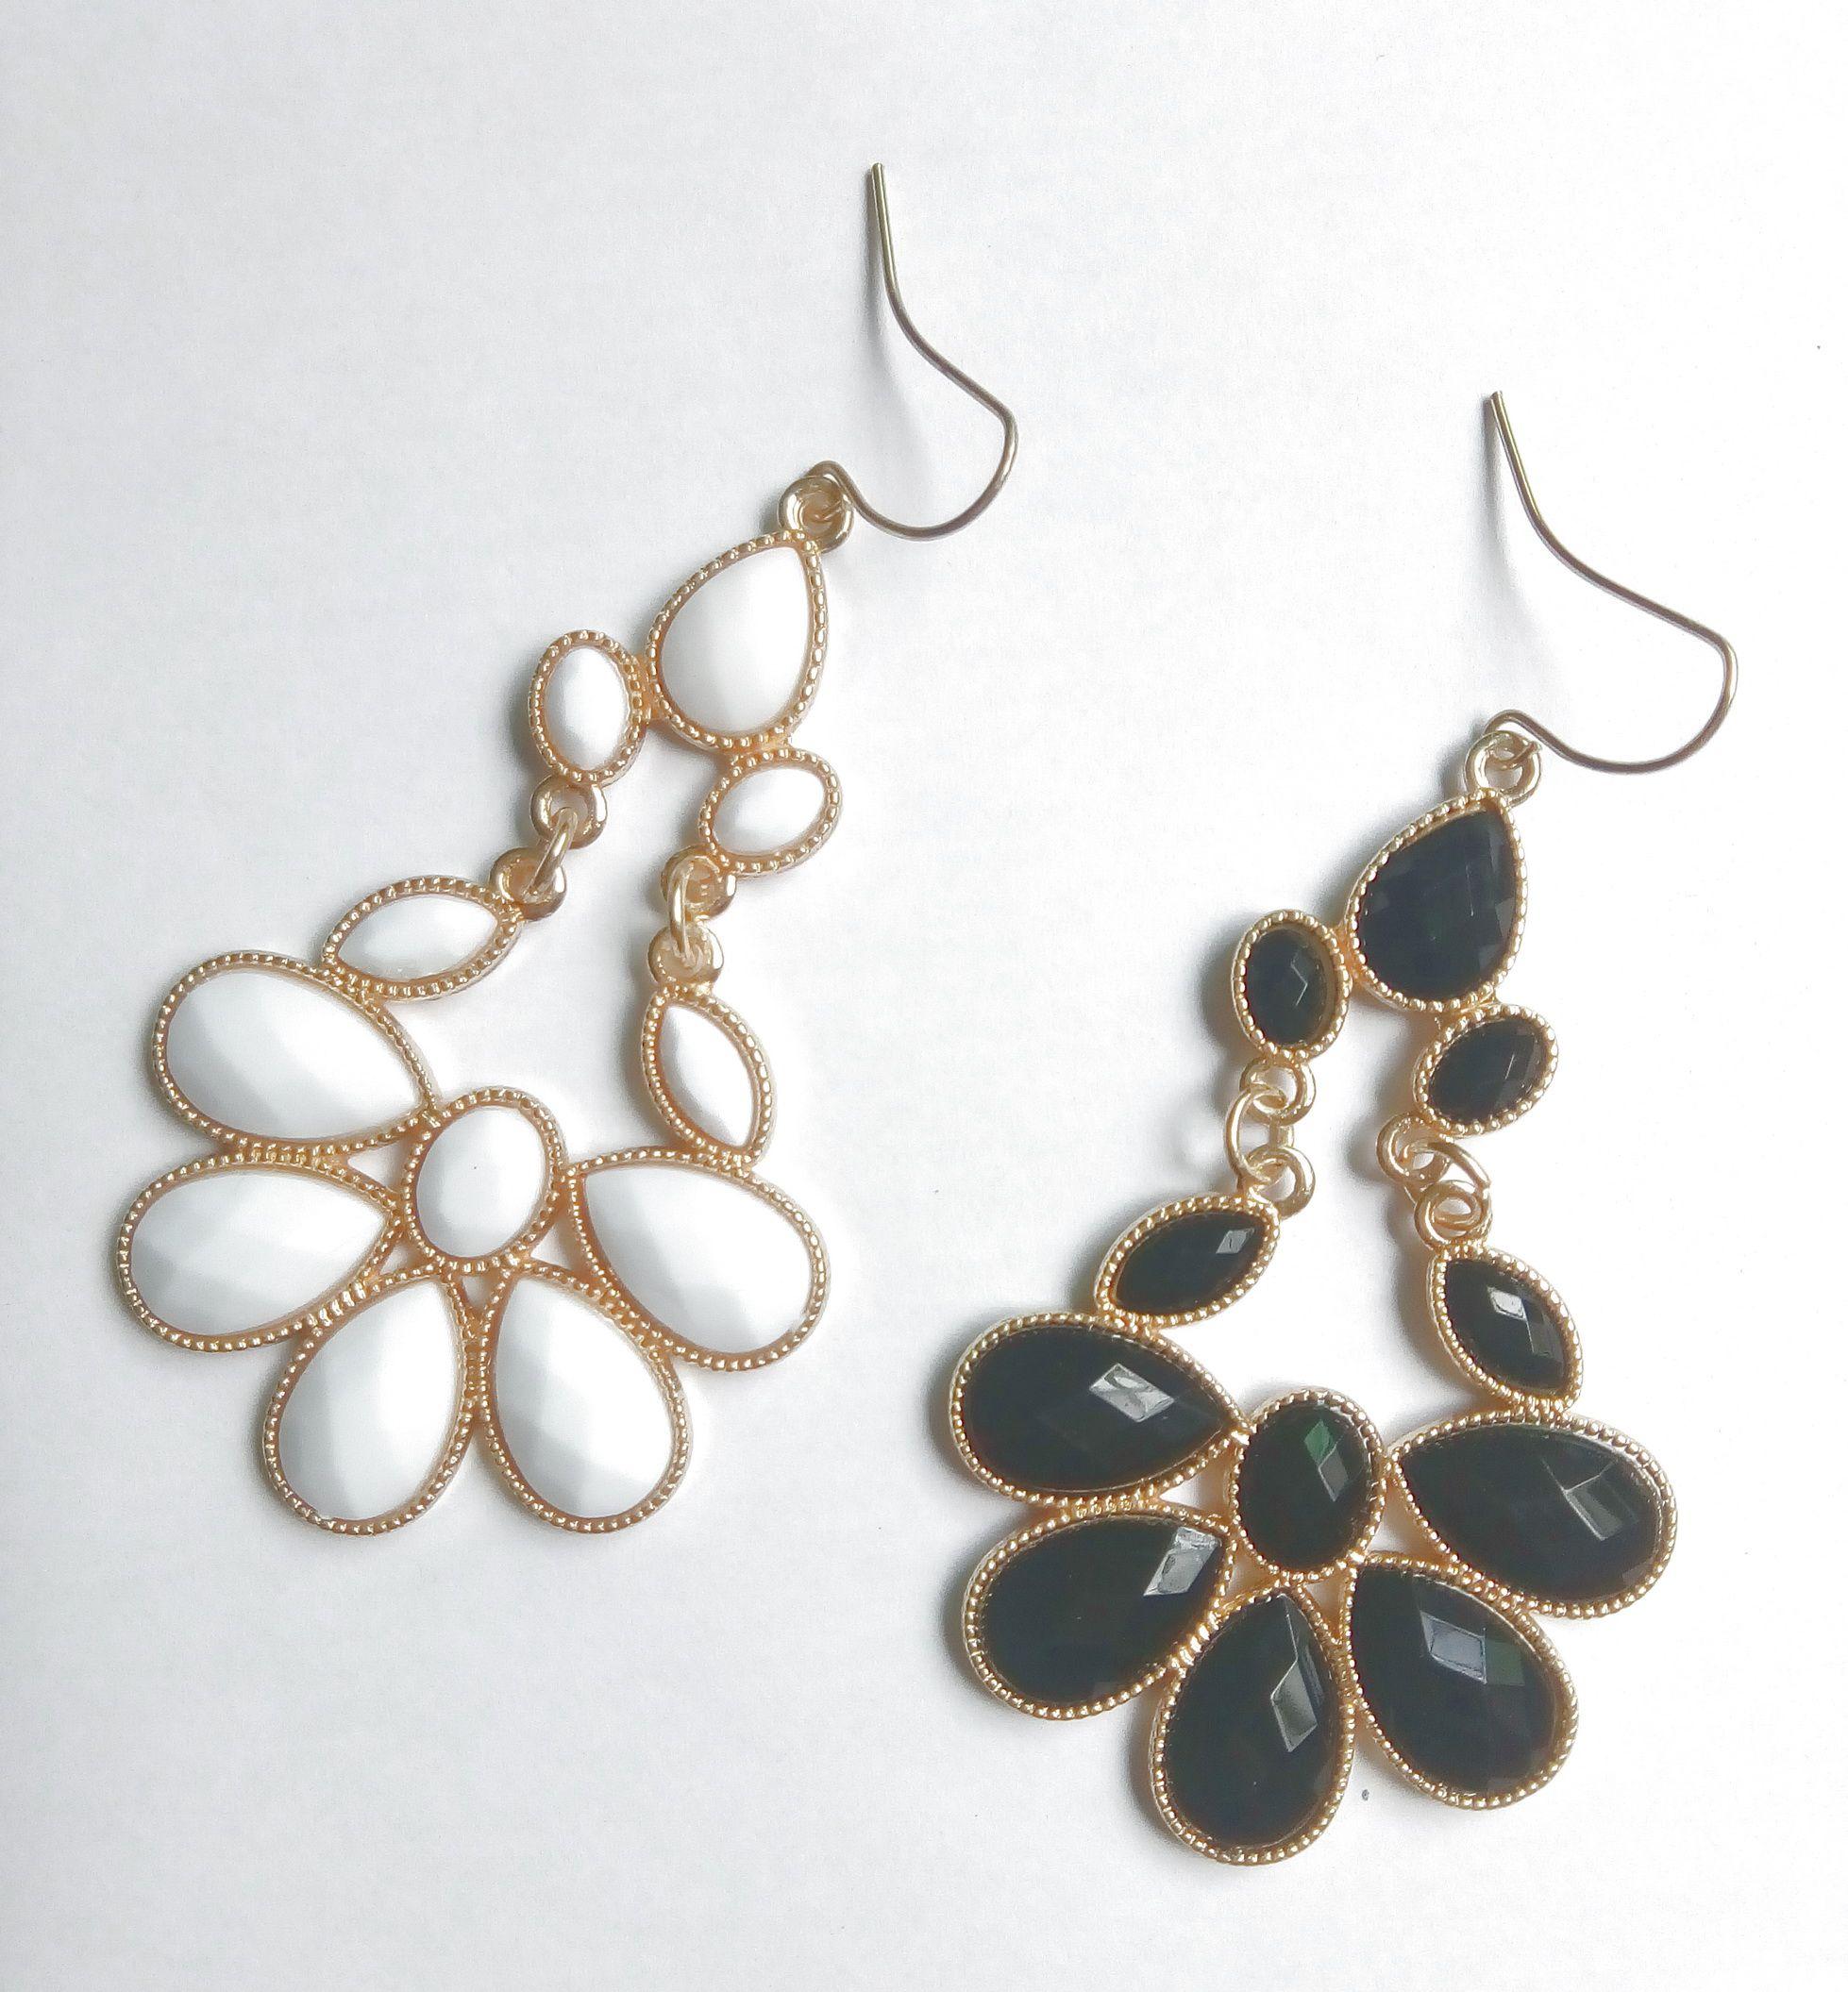 Hot Heart resina lampadario in pietra perle orecchini per le donne pietre sfaccettate orecchini pendenti gancio di pesce gioielli in metallo oro